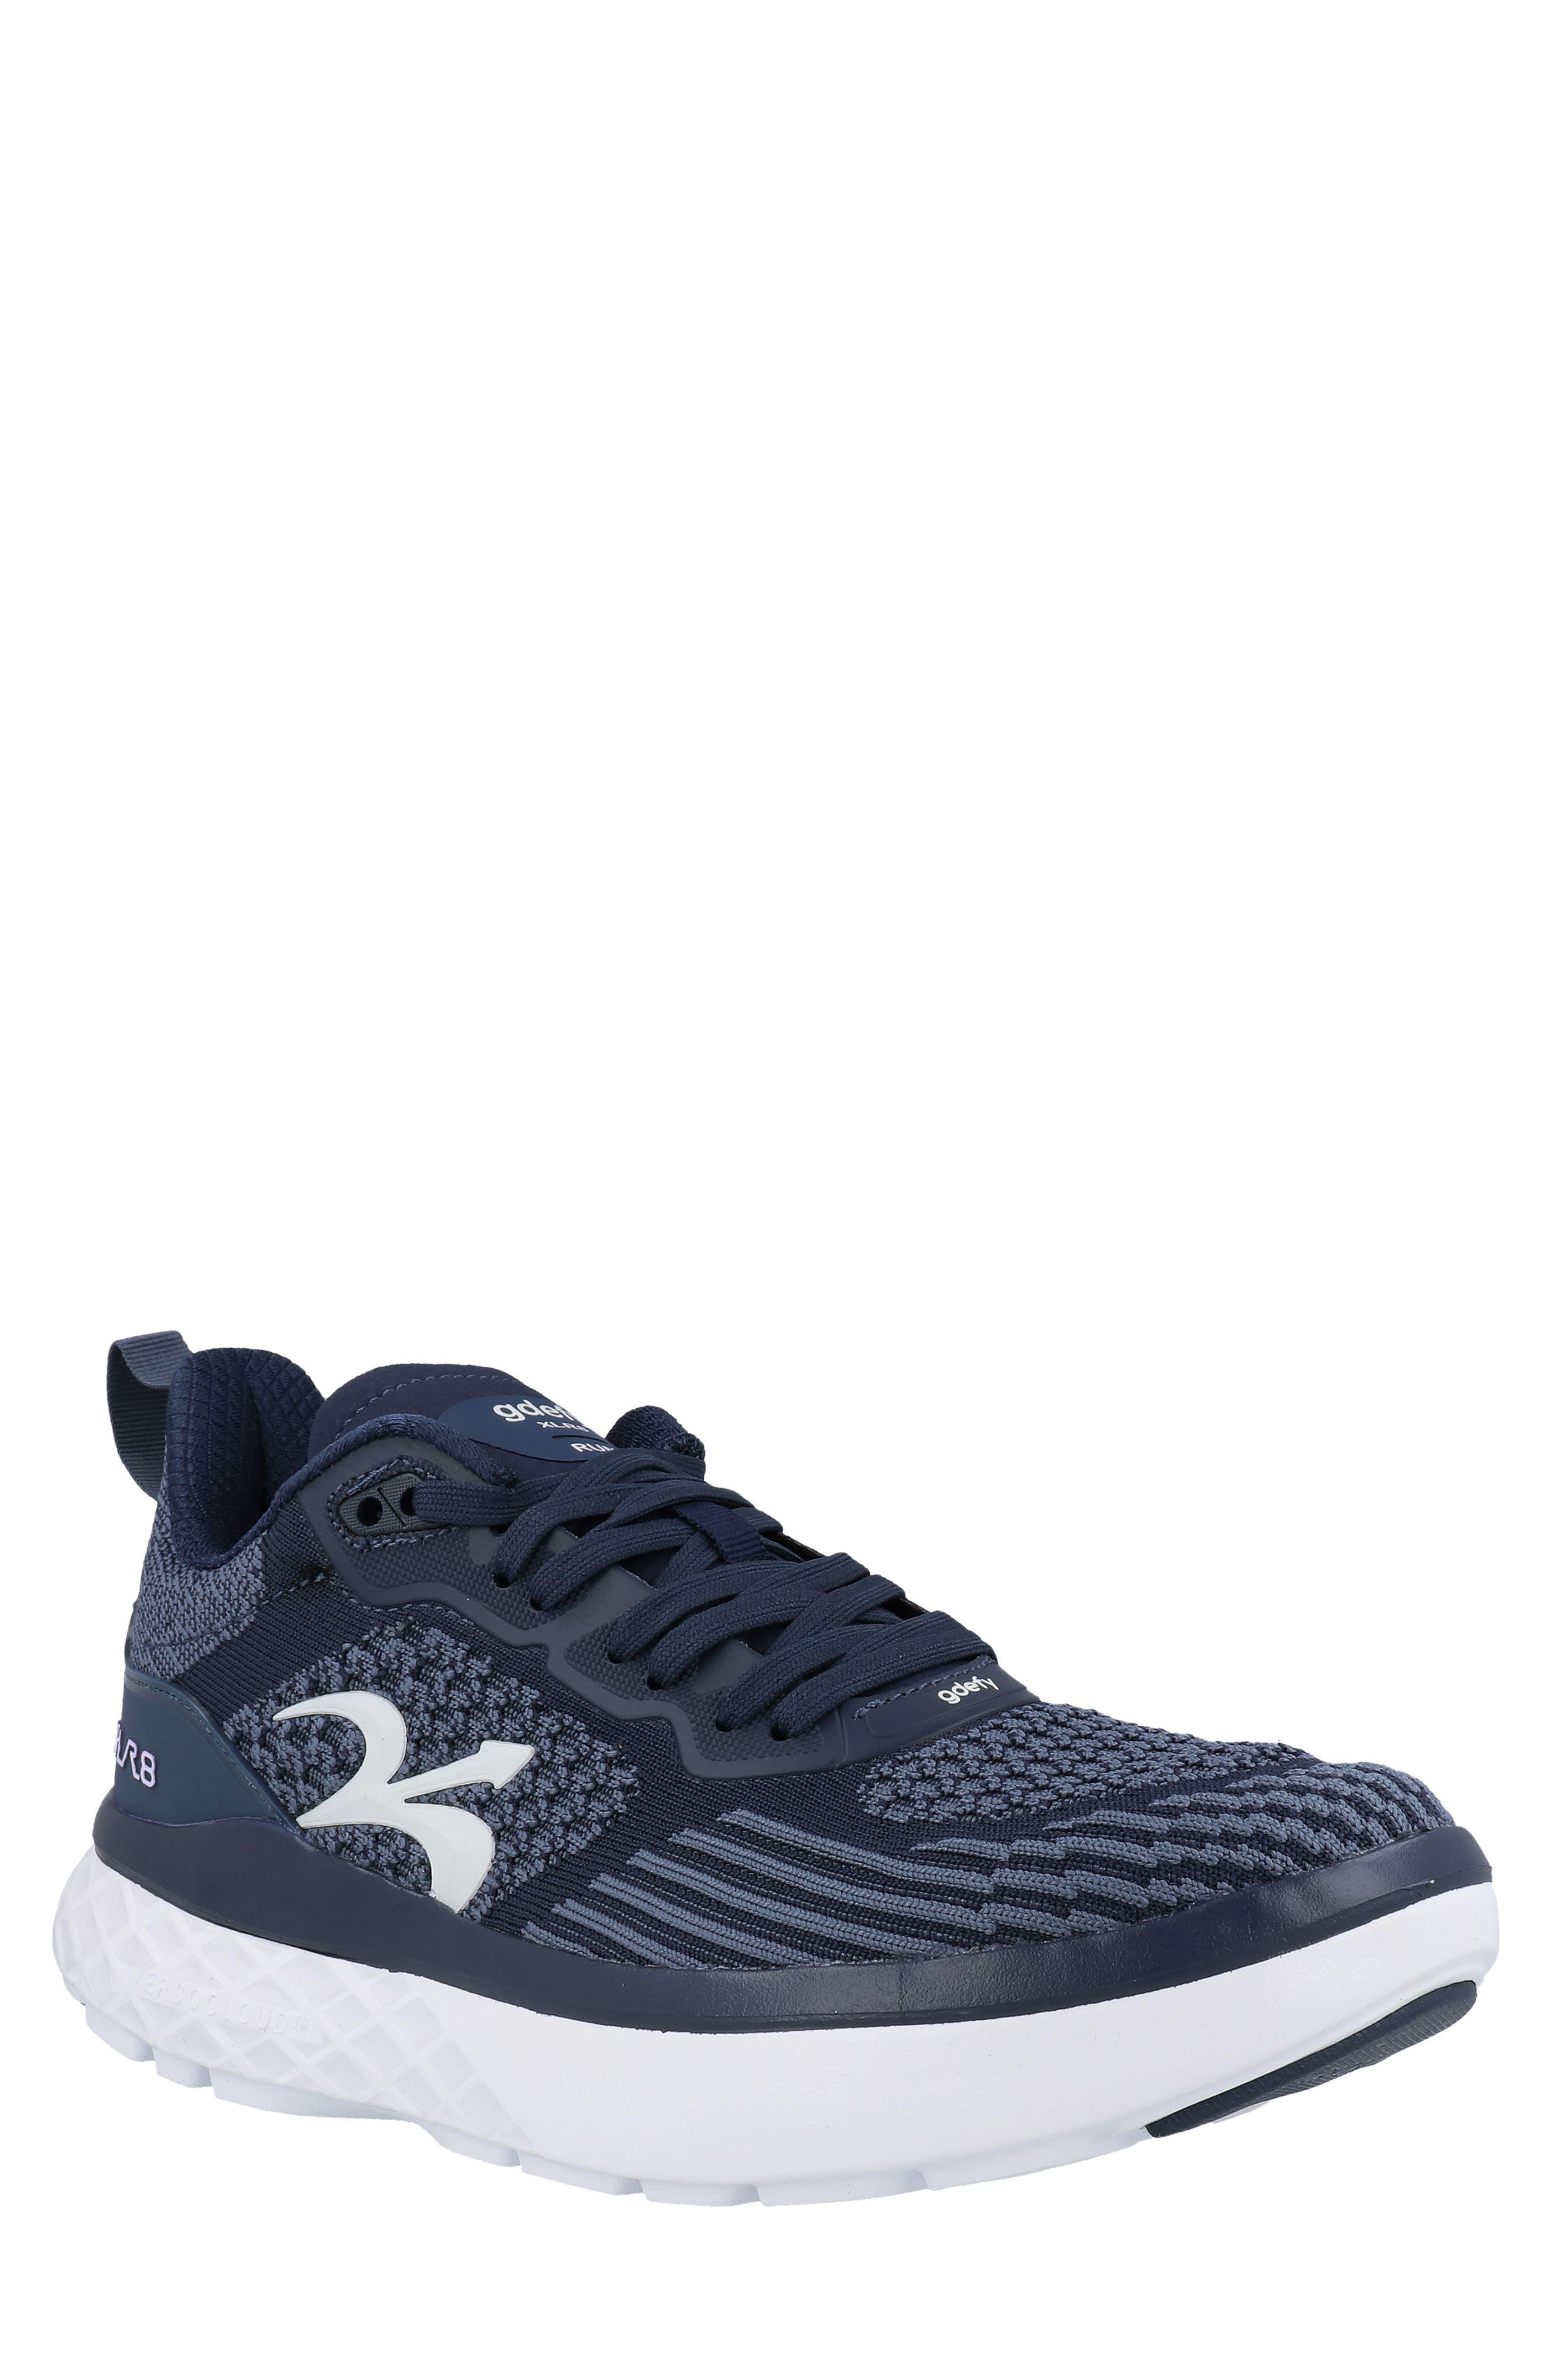 Xlr8 Sneaker